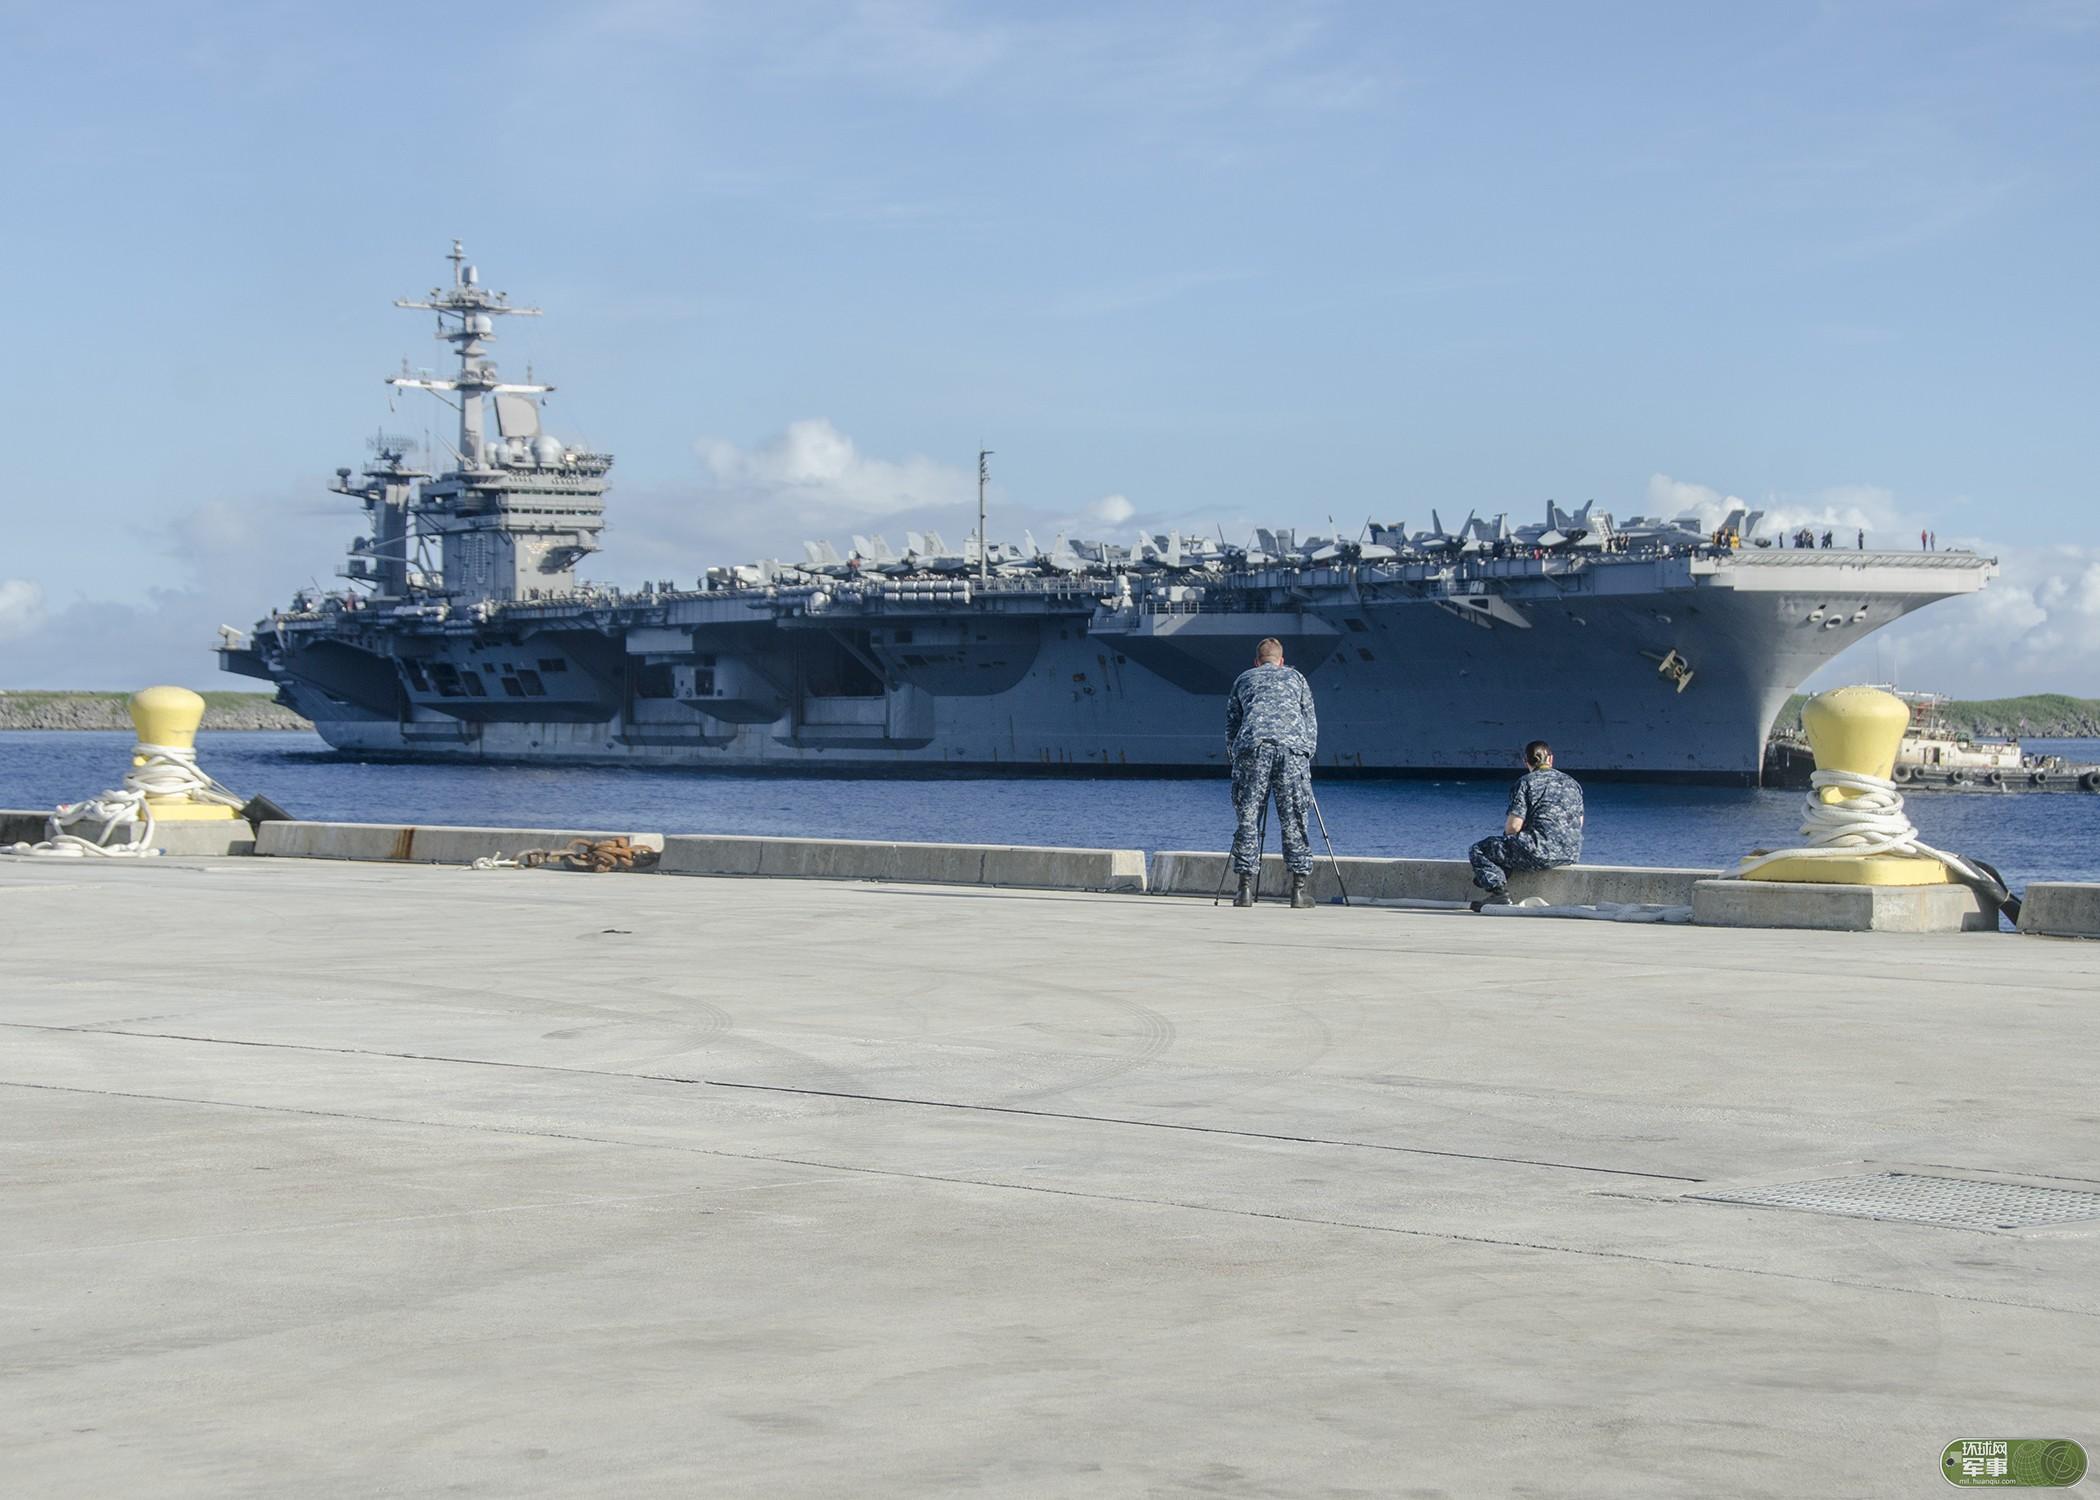 美军航母战斗群将来南海挑衅?中国外交部回应